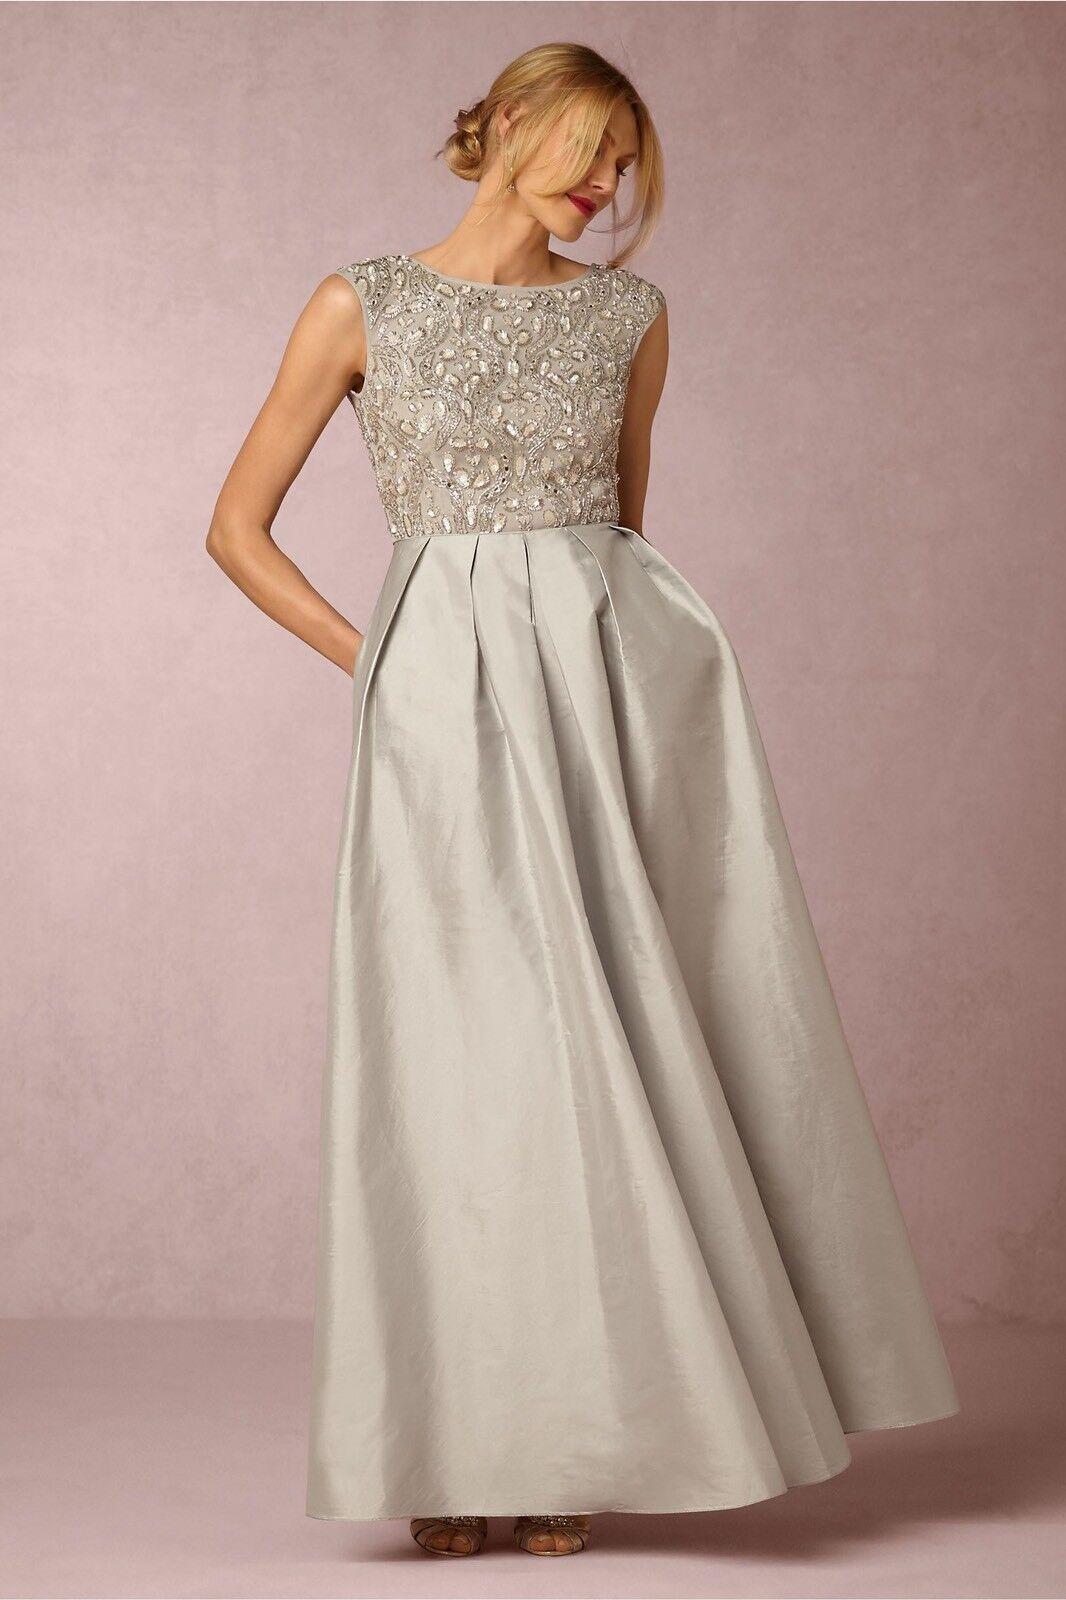 BHLDN  Aidan Mattox Sansa Vestido Talla 2 Nuevo precio minorista sugerido por el fabricante  450  Los mejores precios y los estilos más frescos.